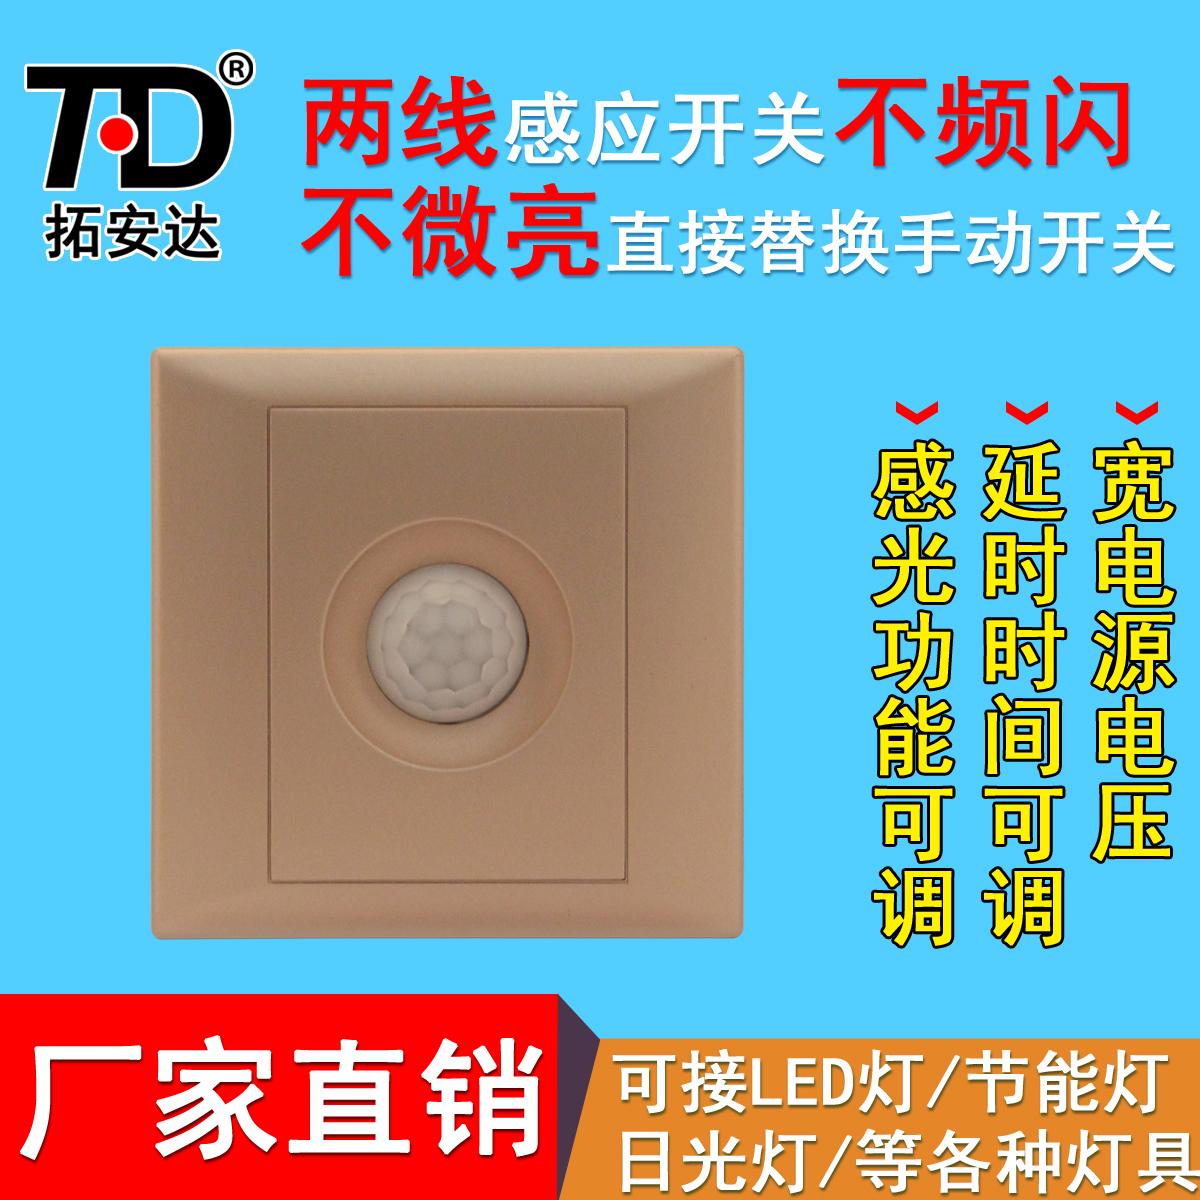 拓安达86型红外线人体感应开关TAD-K2